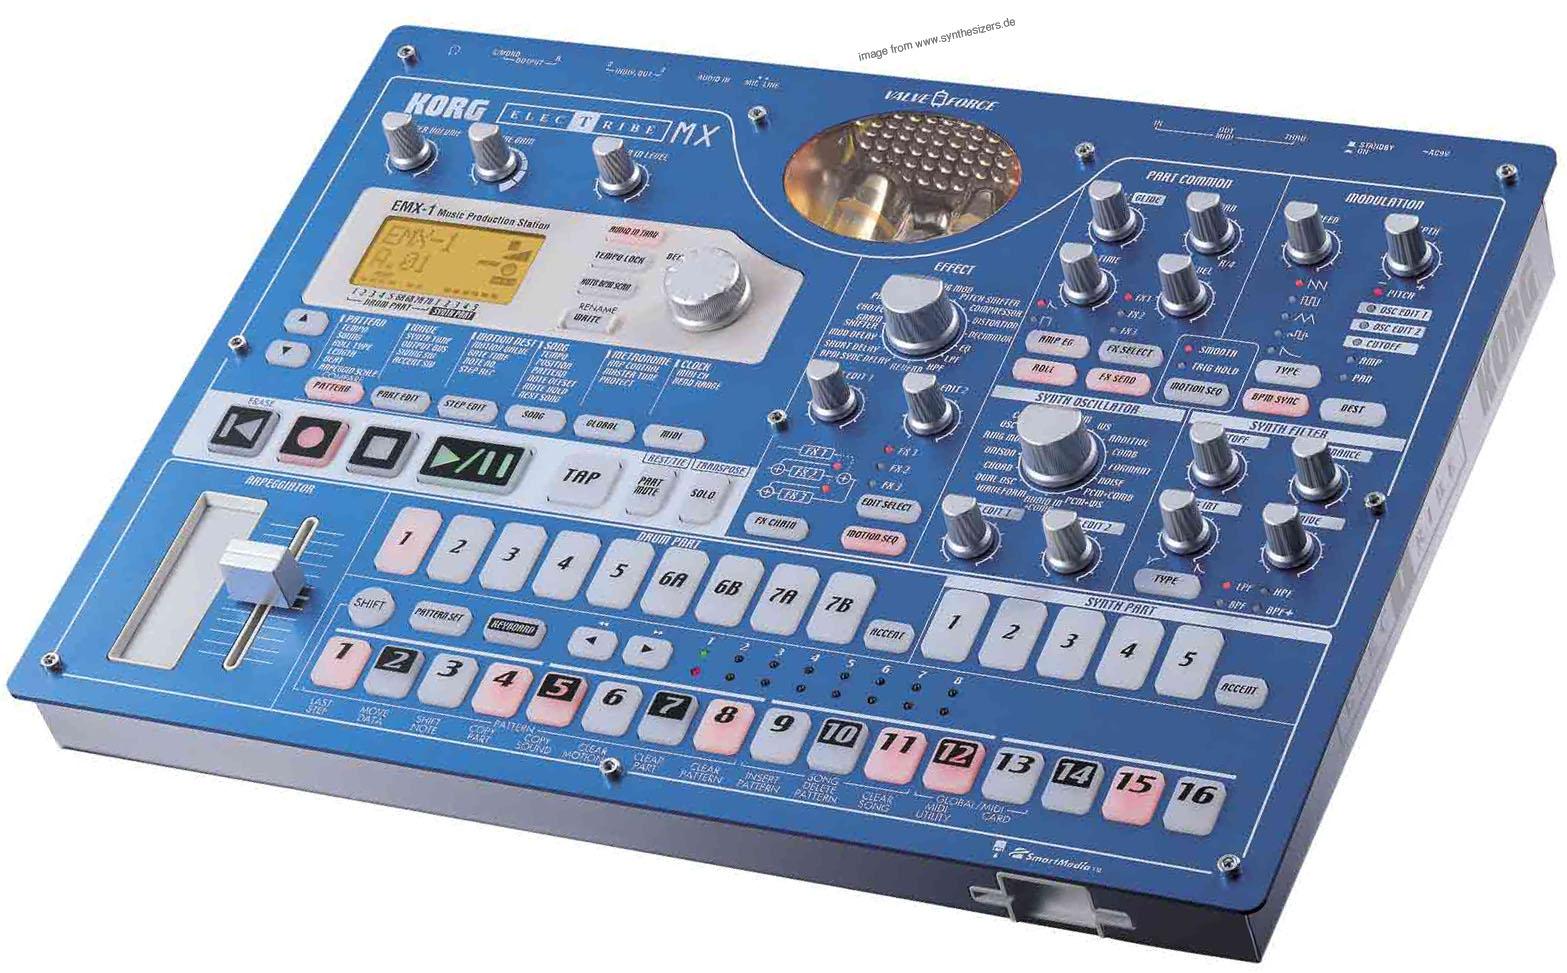 ELECTRIBULATOR 0_0_8 - The software enhancer for Electribe EMX 1 ...